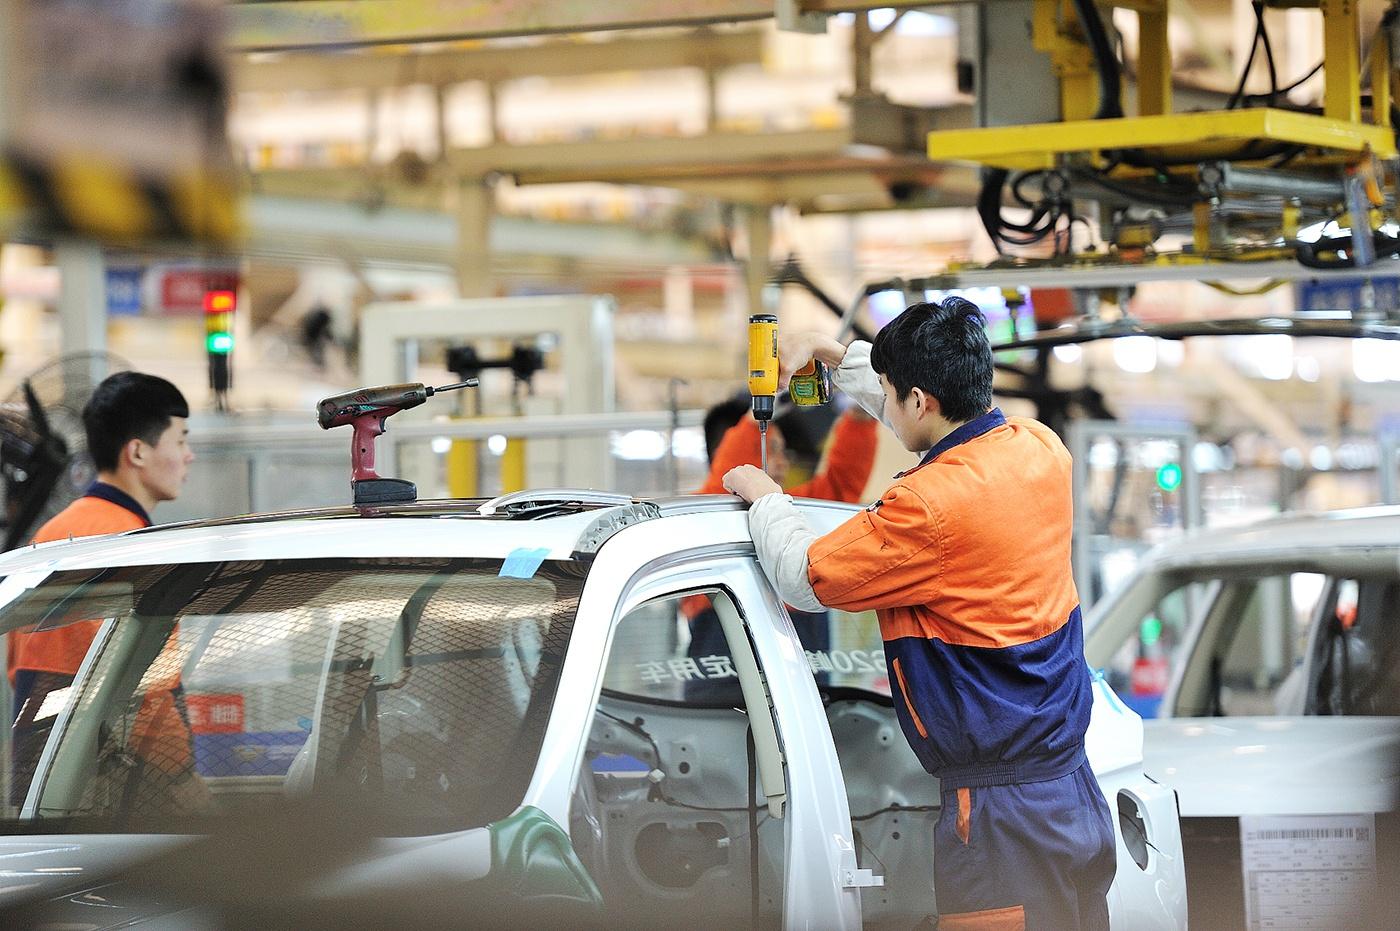 车市周周评丨奔驰、奥迪宣布裁员,奇瑞混改落定,长安汽车丧失新能源子公司控制权